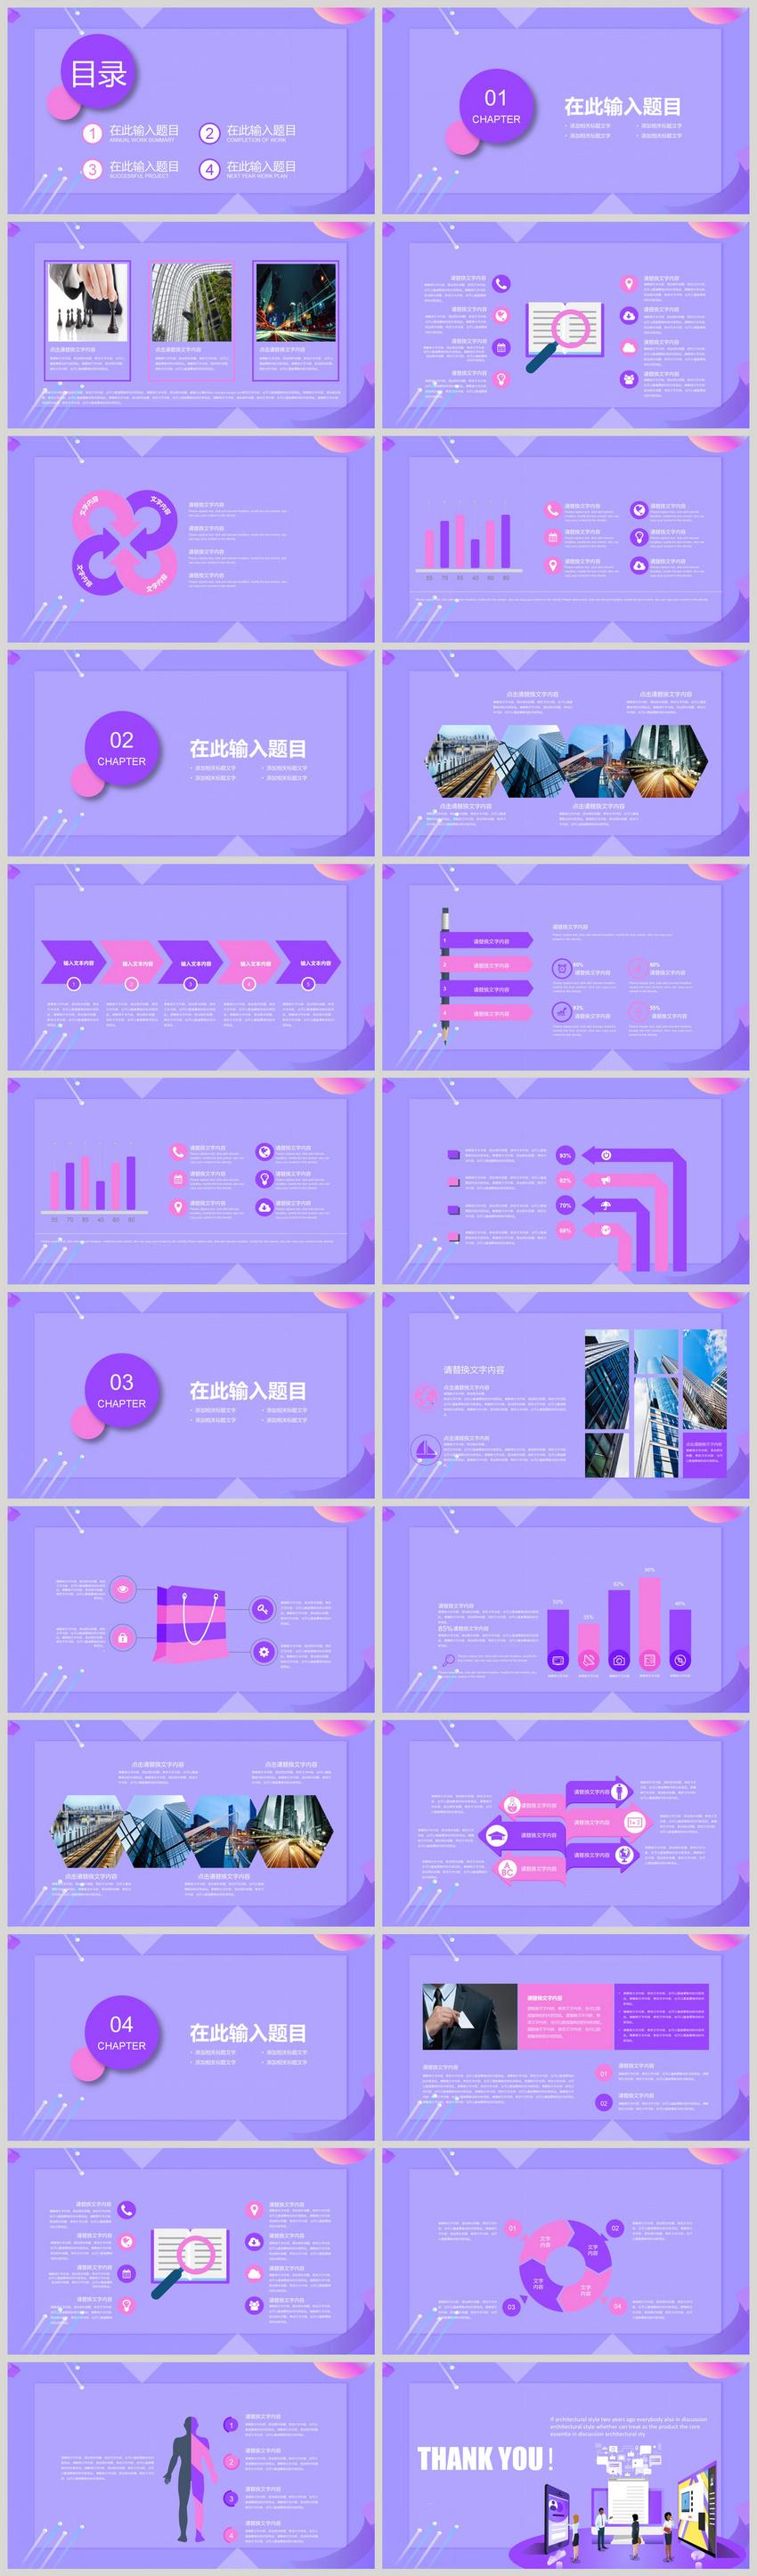 紫色渐变风企业招聘PPT模板图片